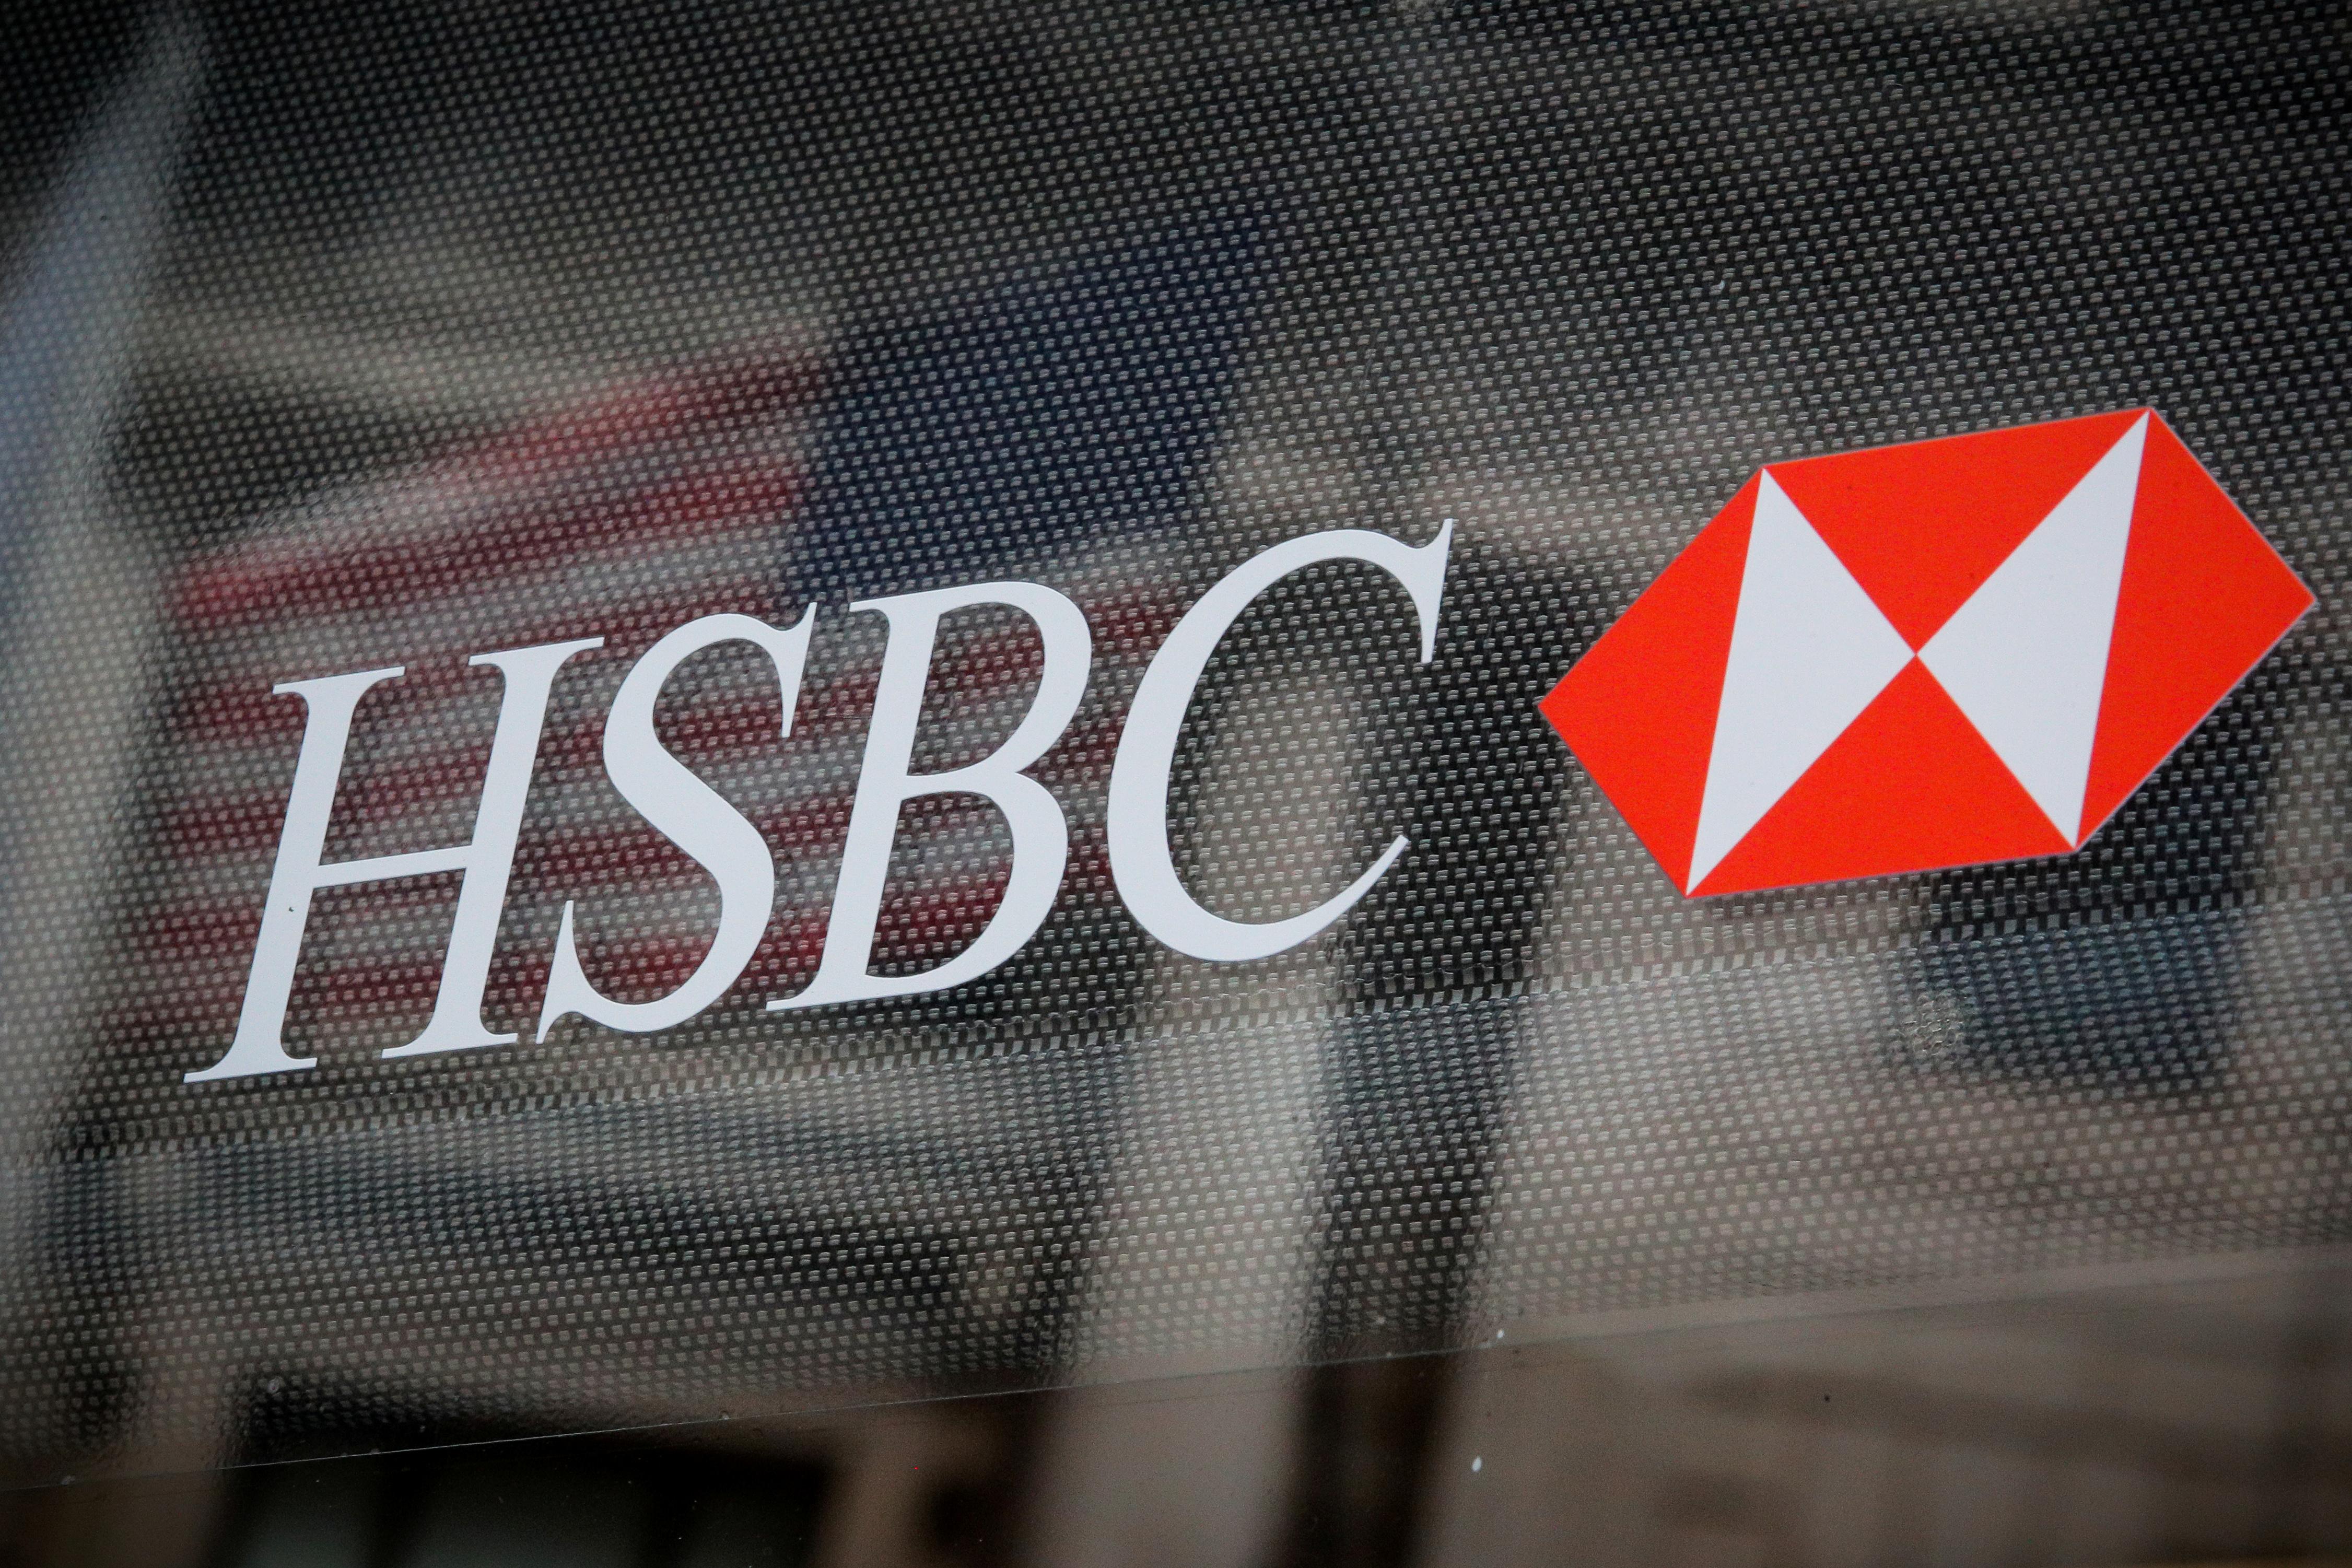 HSBC incumple expectativas con sus resultados y recortará 35.000 puestos de trabajo